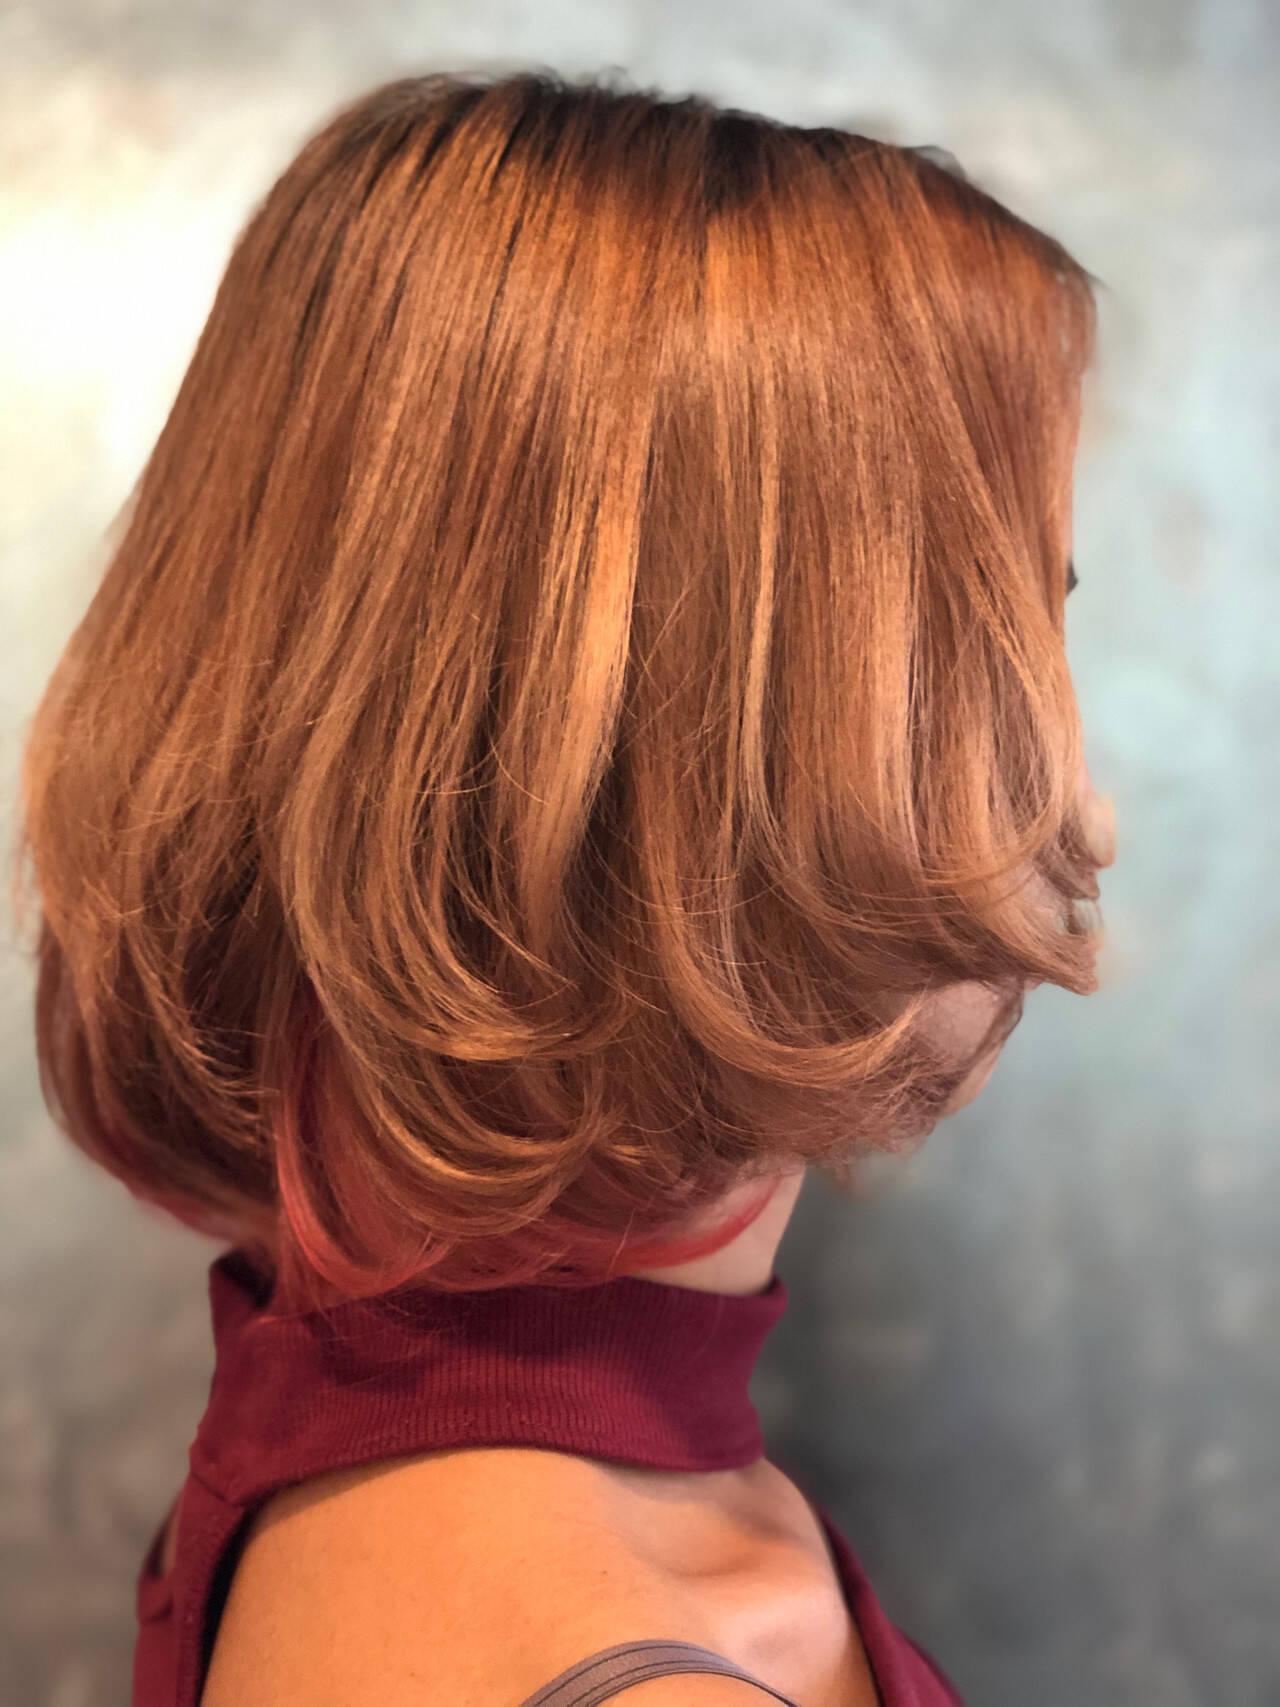 インナーカラー インナーカラーレッド ボブ レッドカラーヘアスタイルや髪型の写真・画像